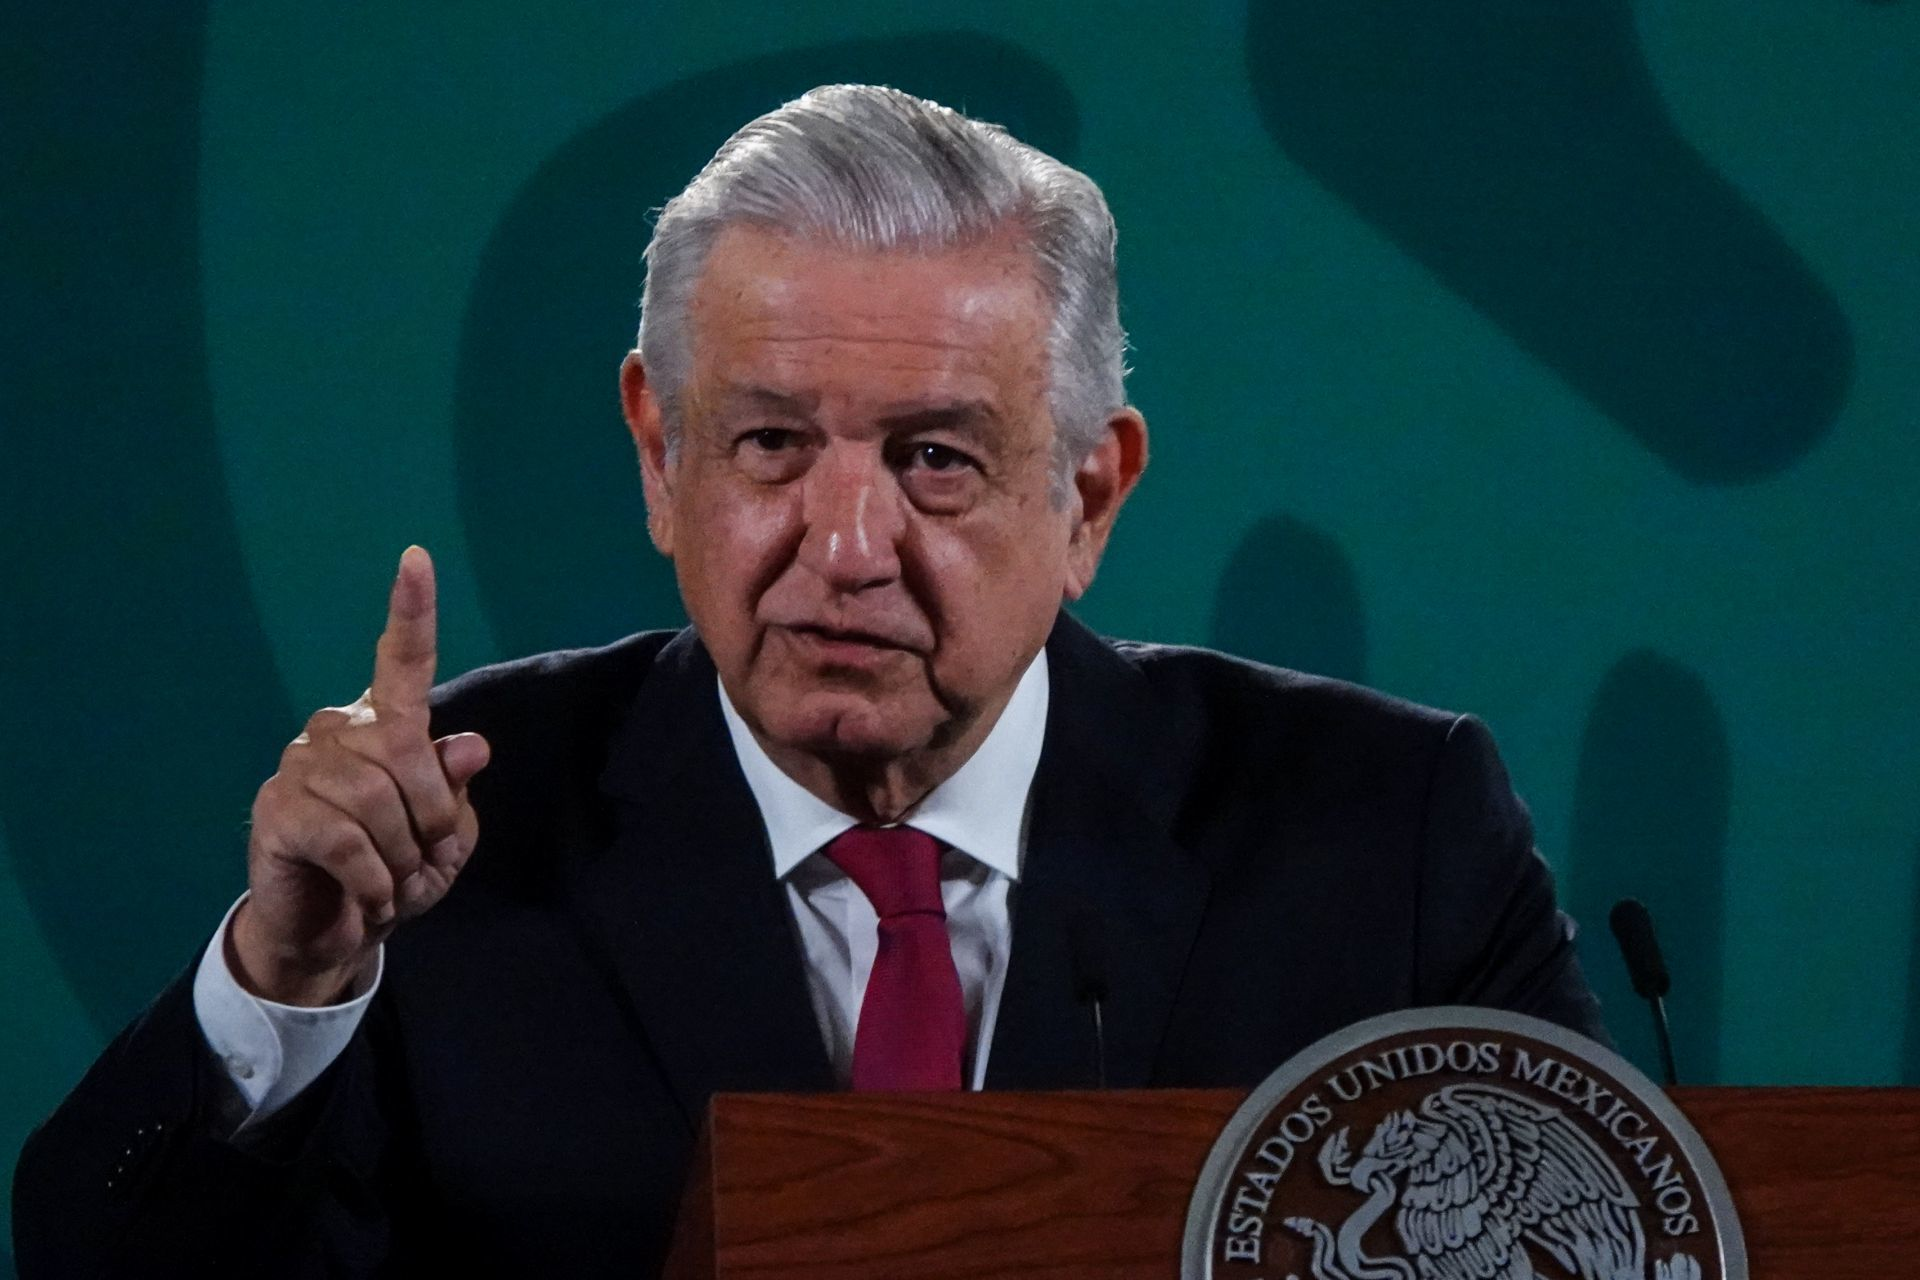 Ningún expresidente será perseguido político, dice AMLO